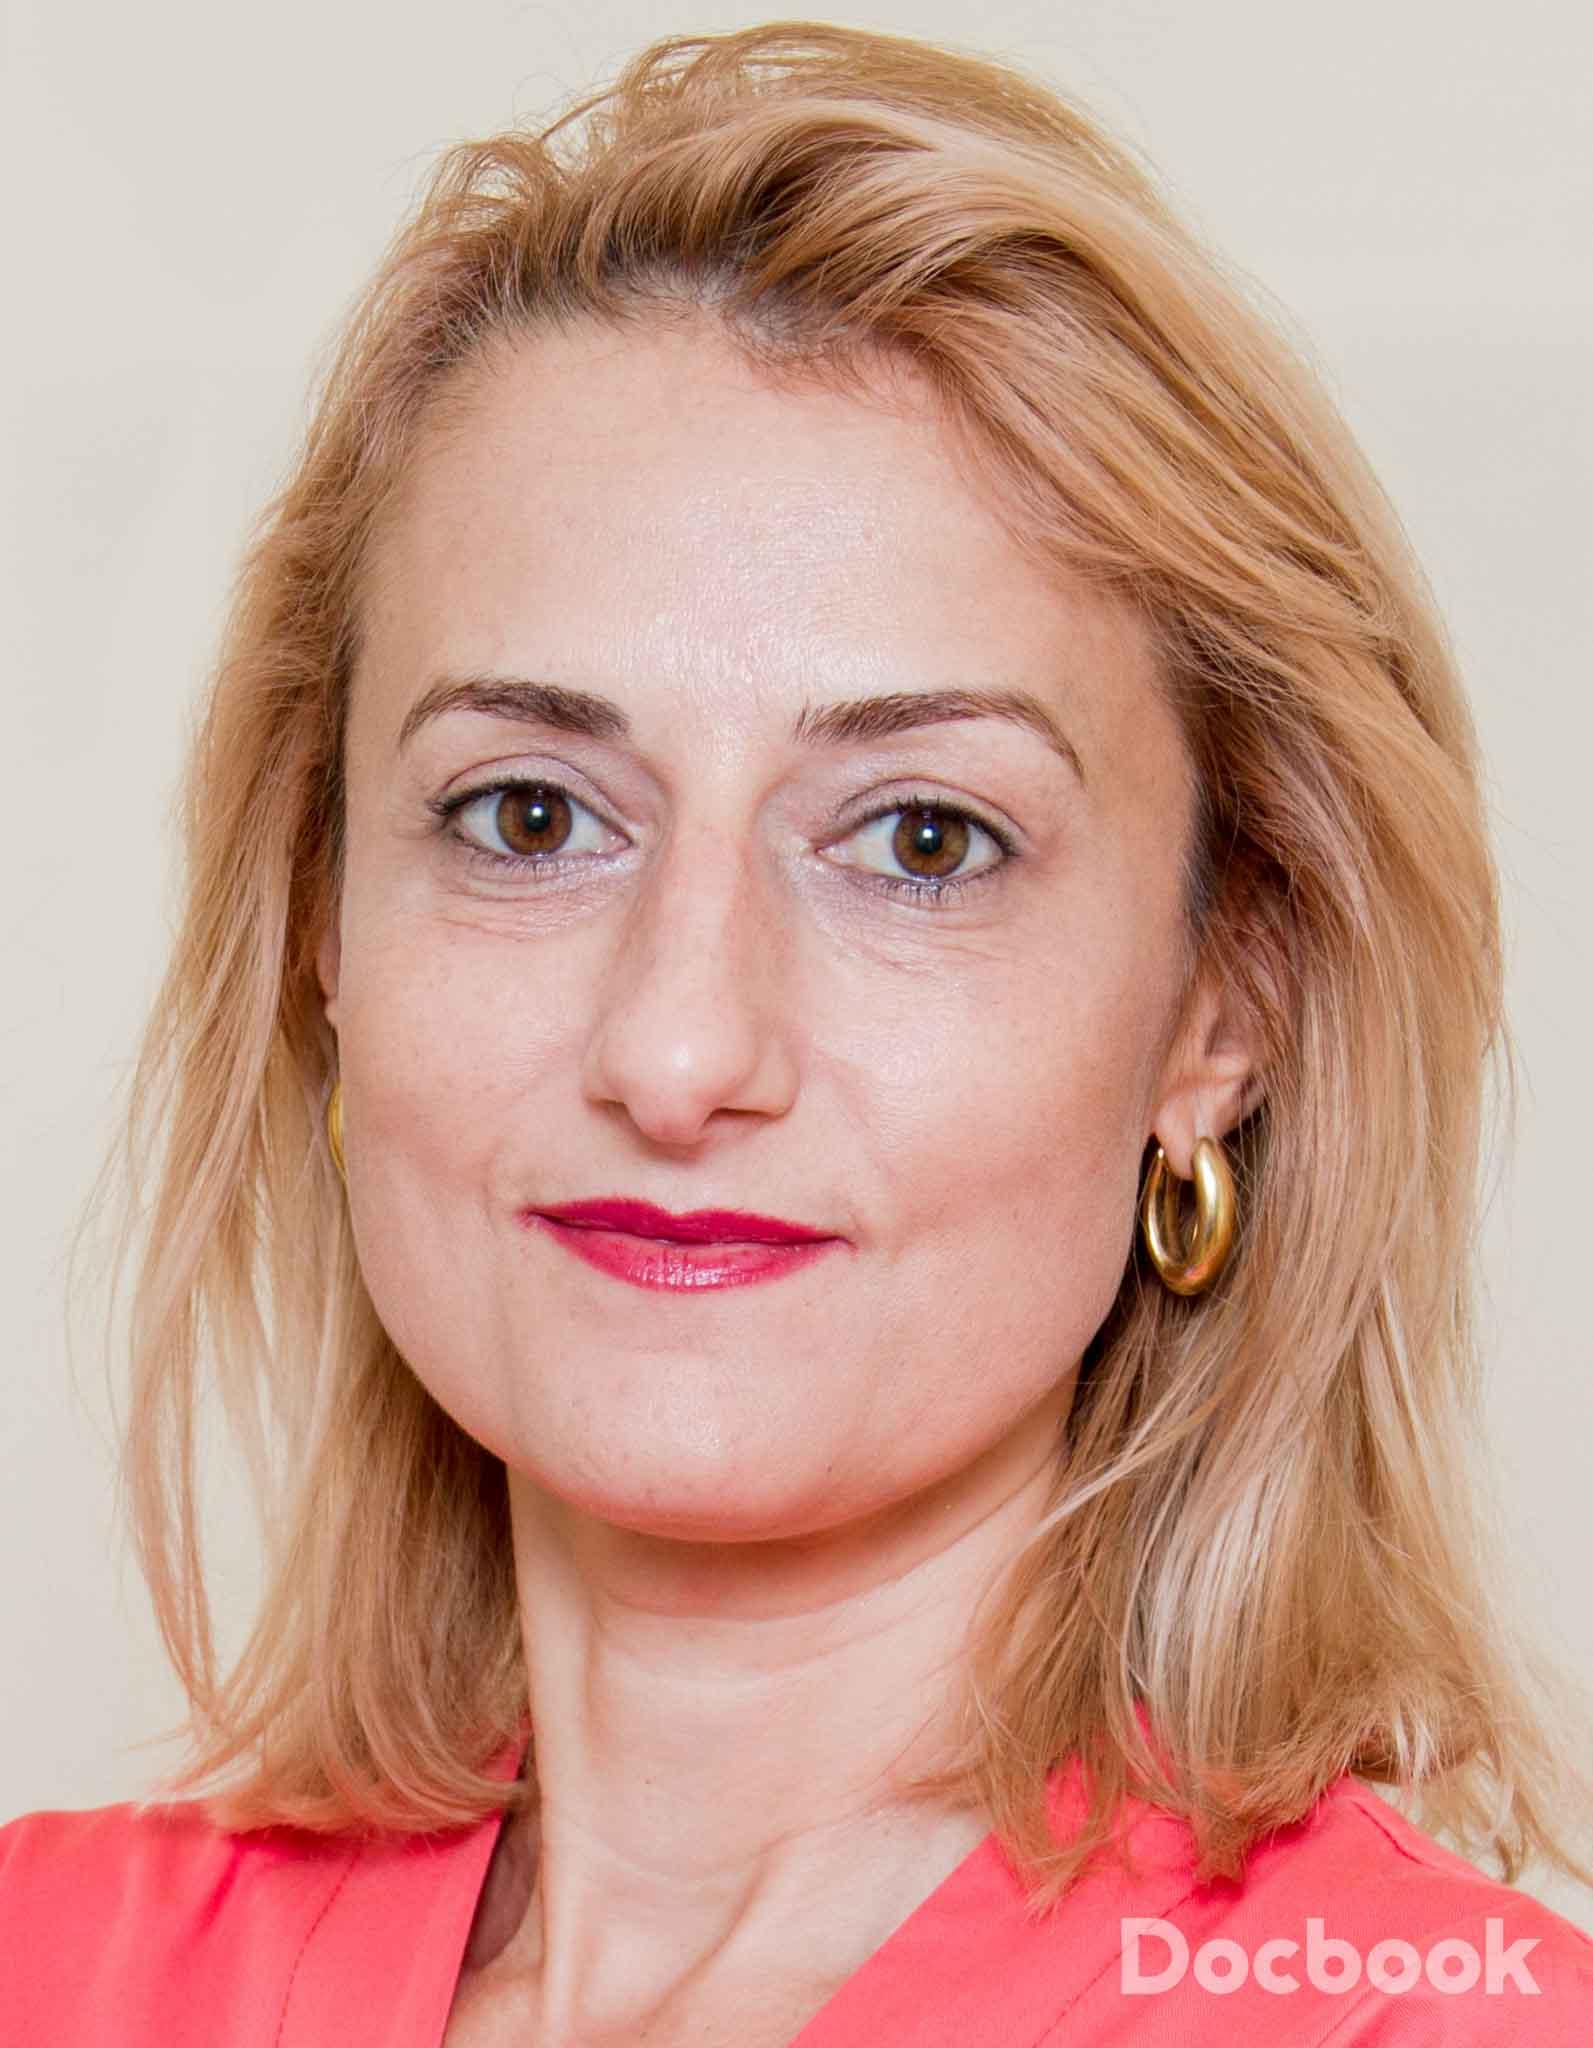 Dr. Cezarina Voichitoiu